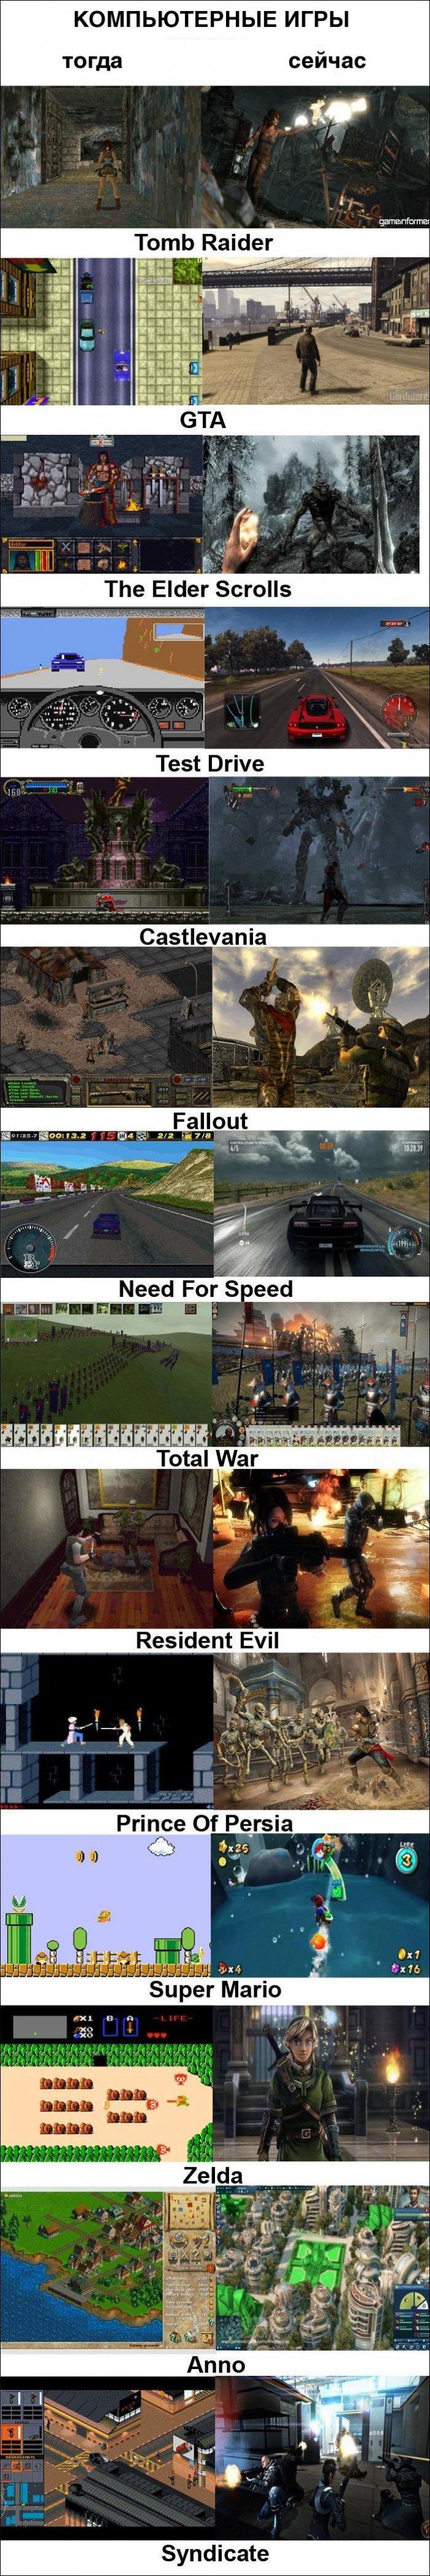 Компьютерные игры в 90-х и сейчас (14 фото)